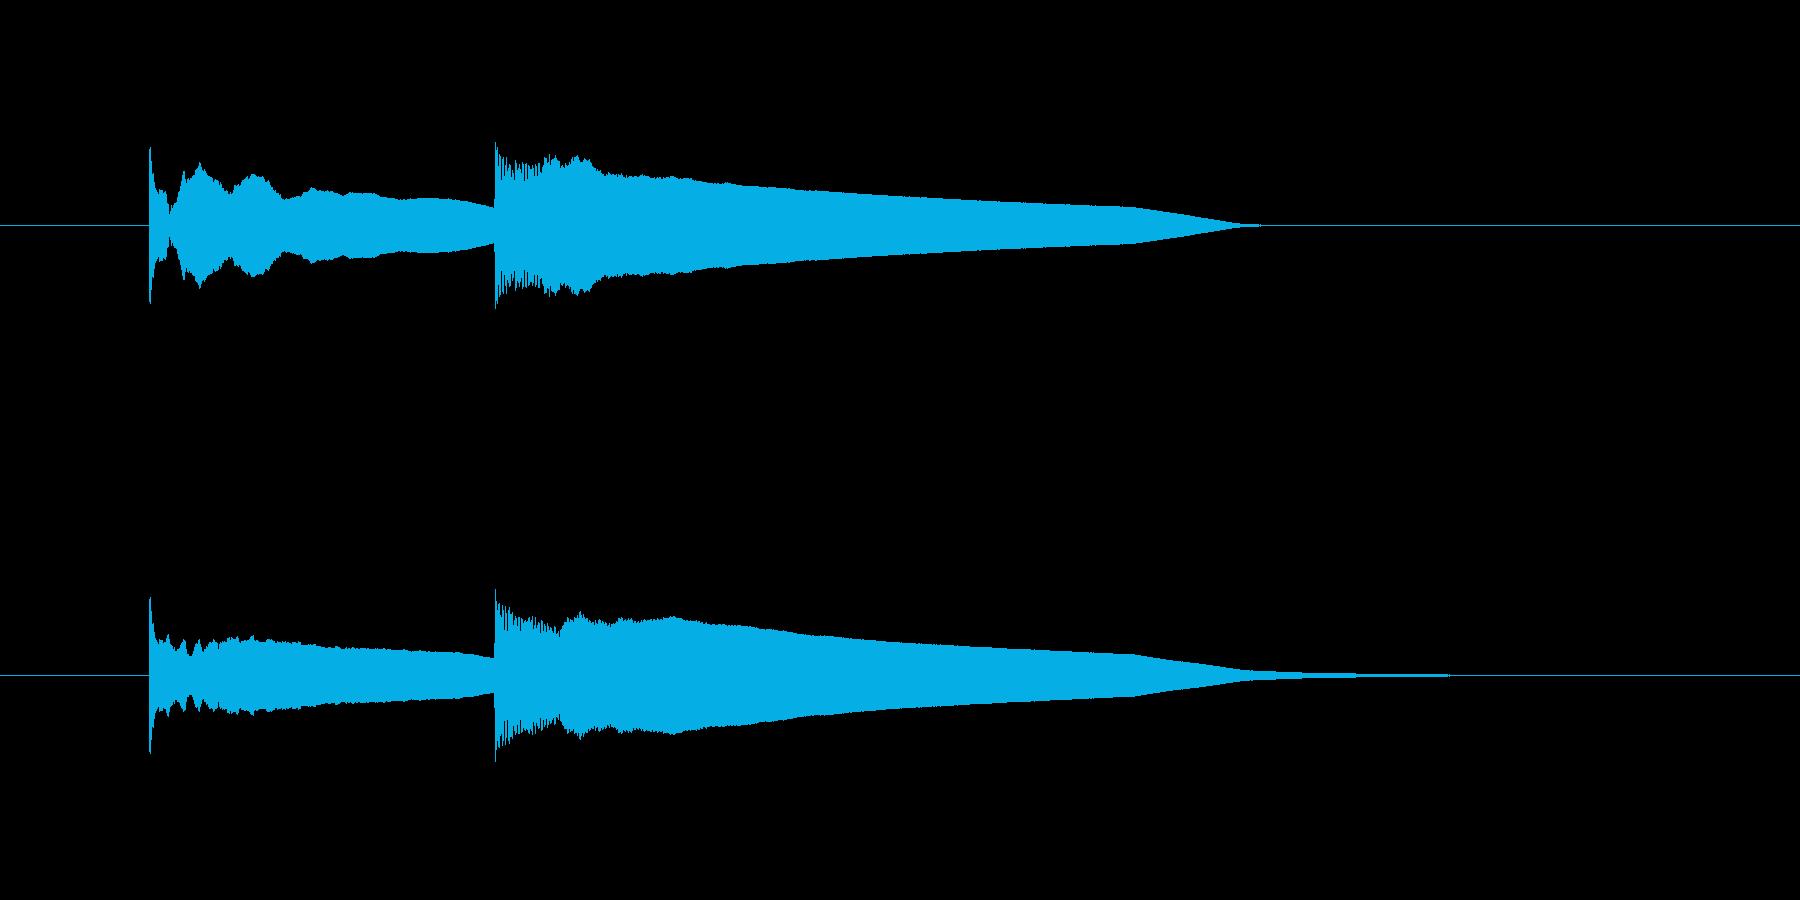 ピンポーンというエレベーター到着音の再生済みの波形